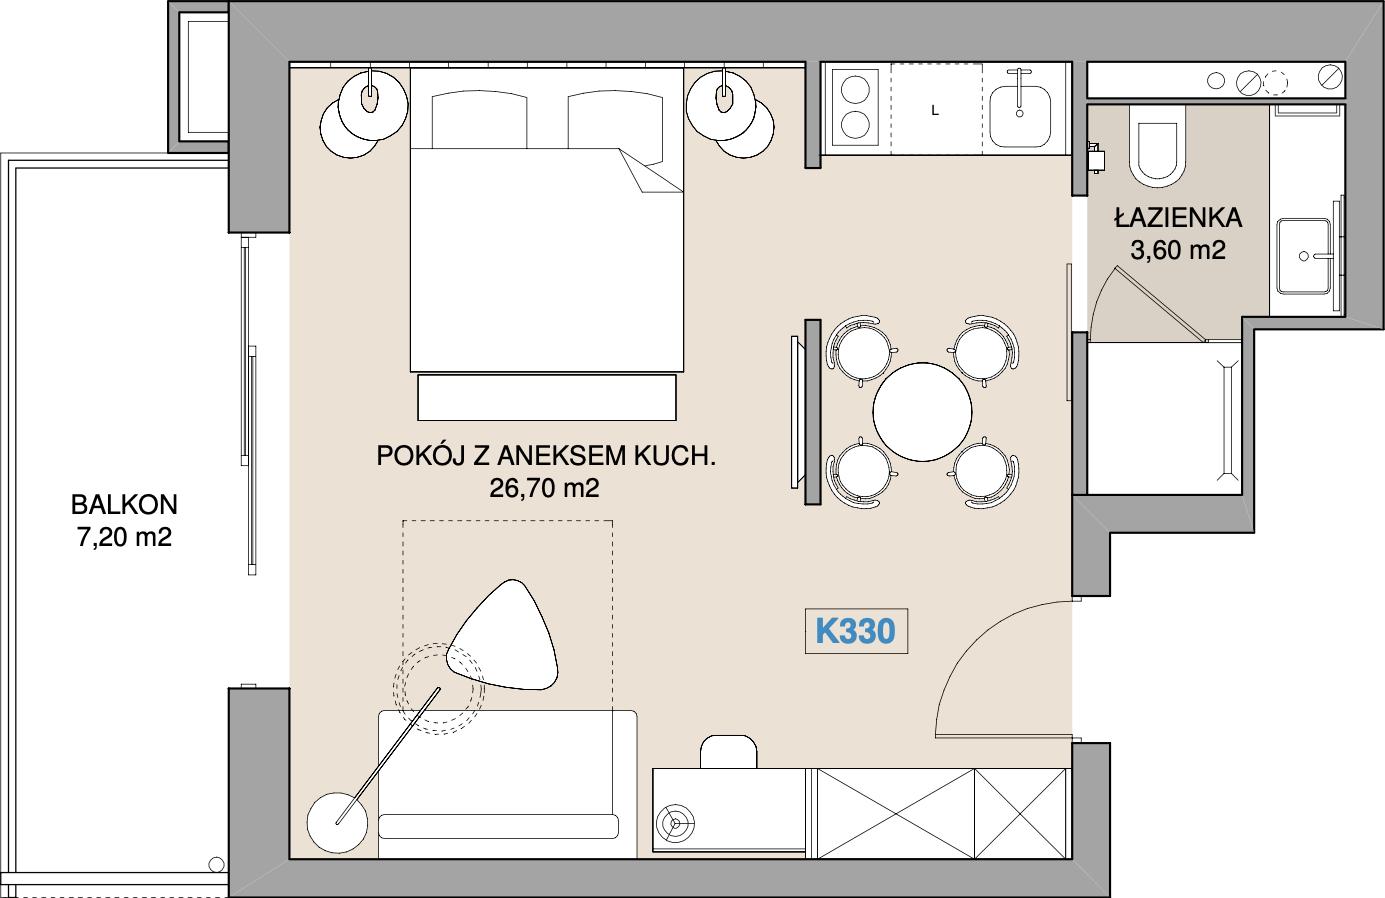 Apartament K330